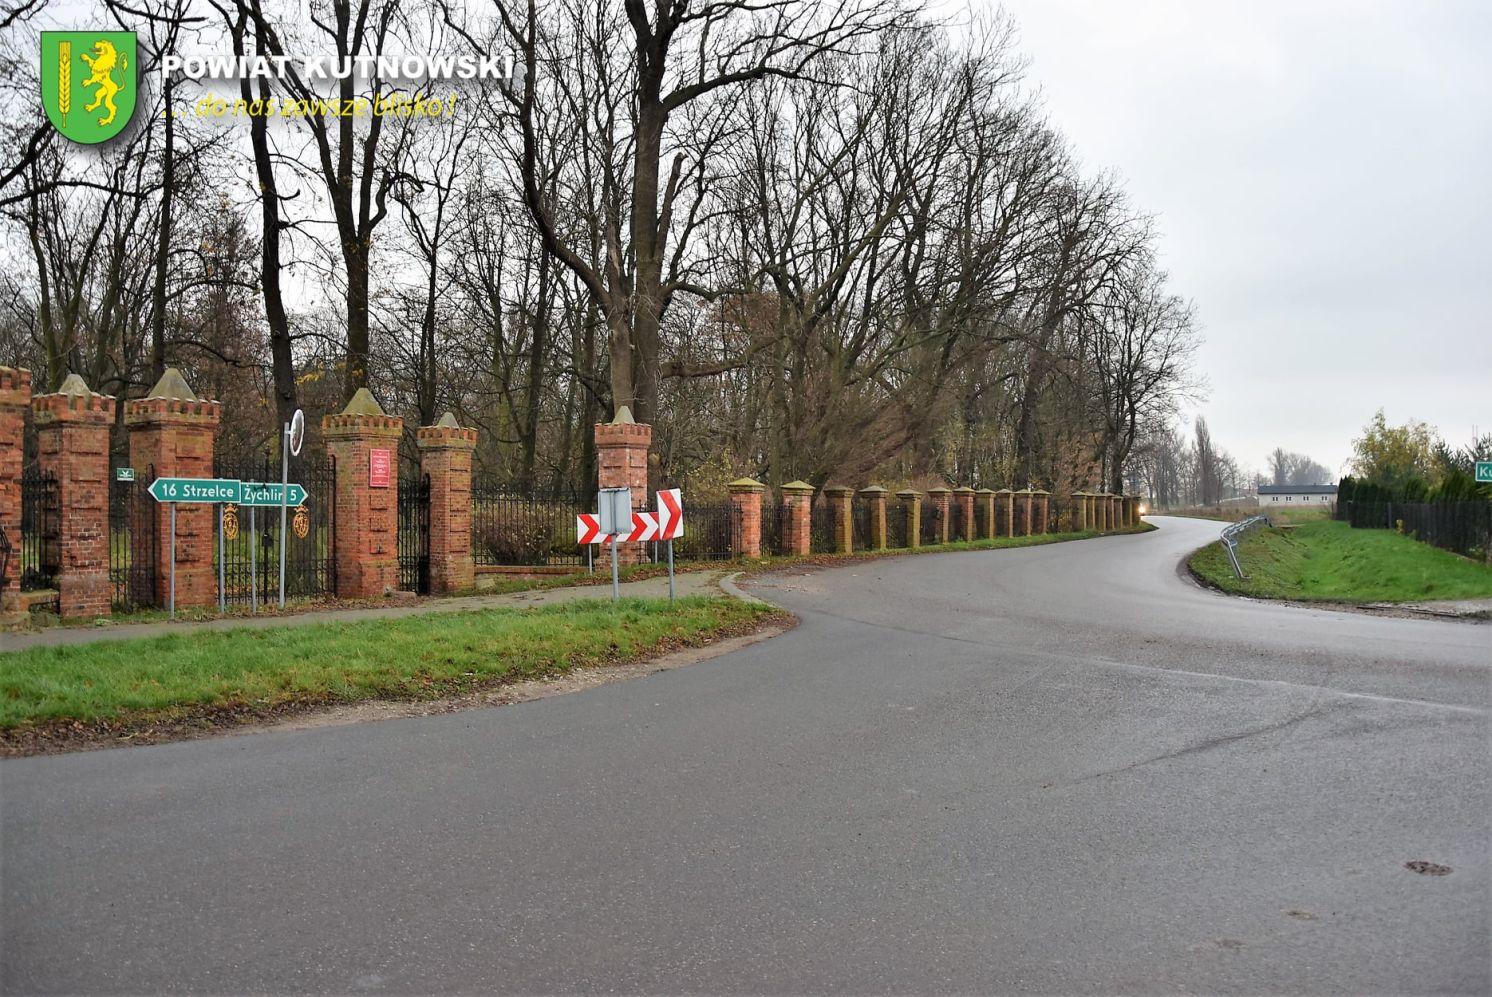 [FOTO] Niebezpieczne skrzyżowanie w Oporowie. Starostwo podjęło działania - Zdjęcie główne